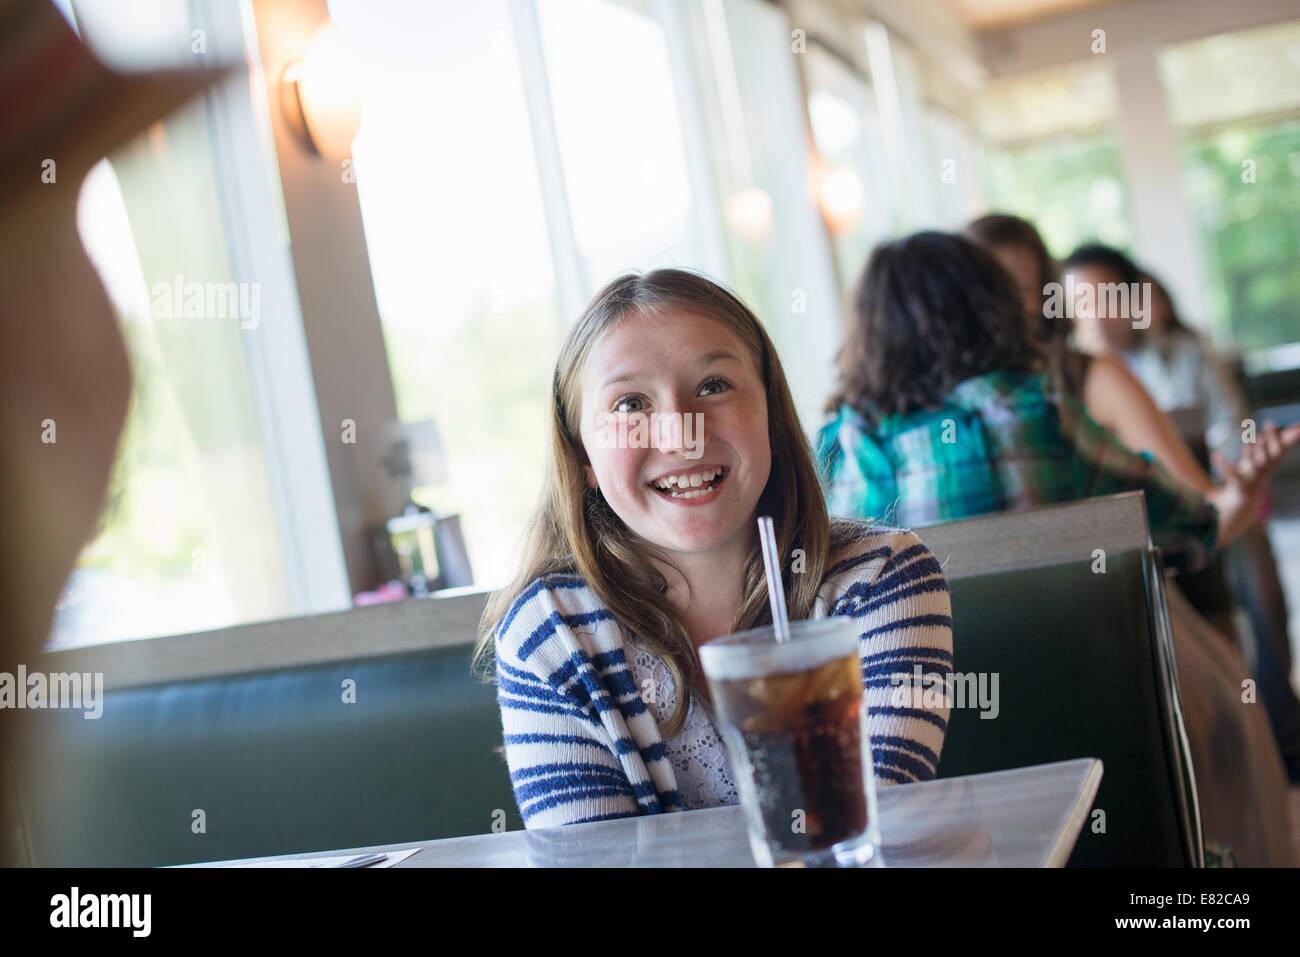 Un bambino seduto a un pranzo con un grande bevanda fredda in un bicchiere con una cannuccia. Immagini Stock